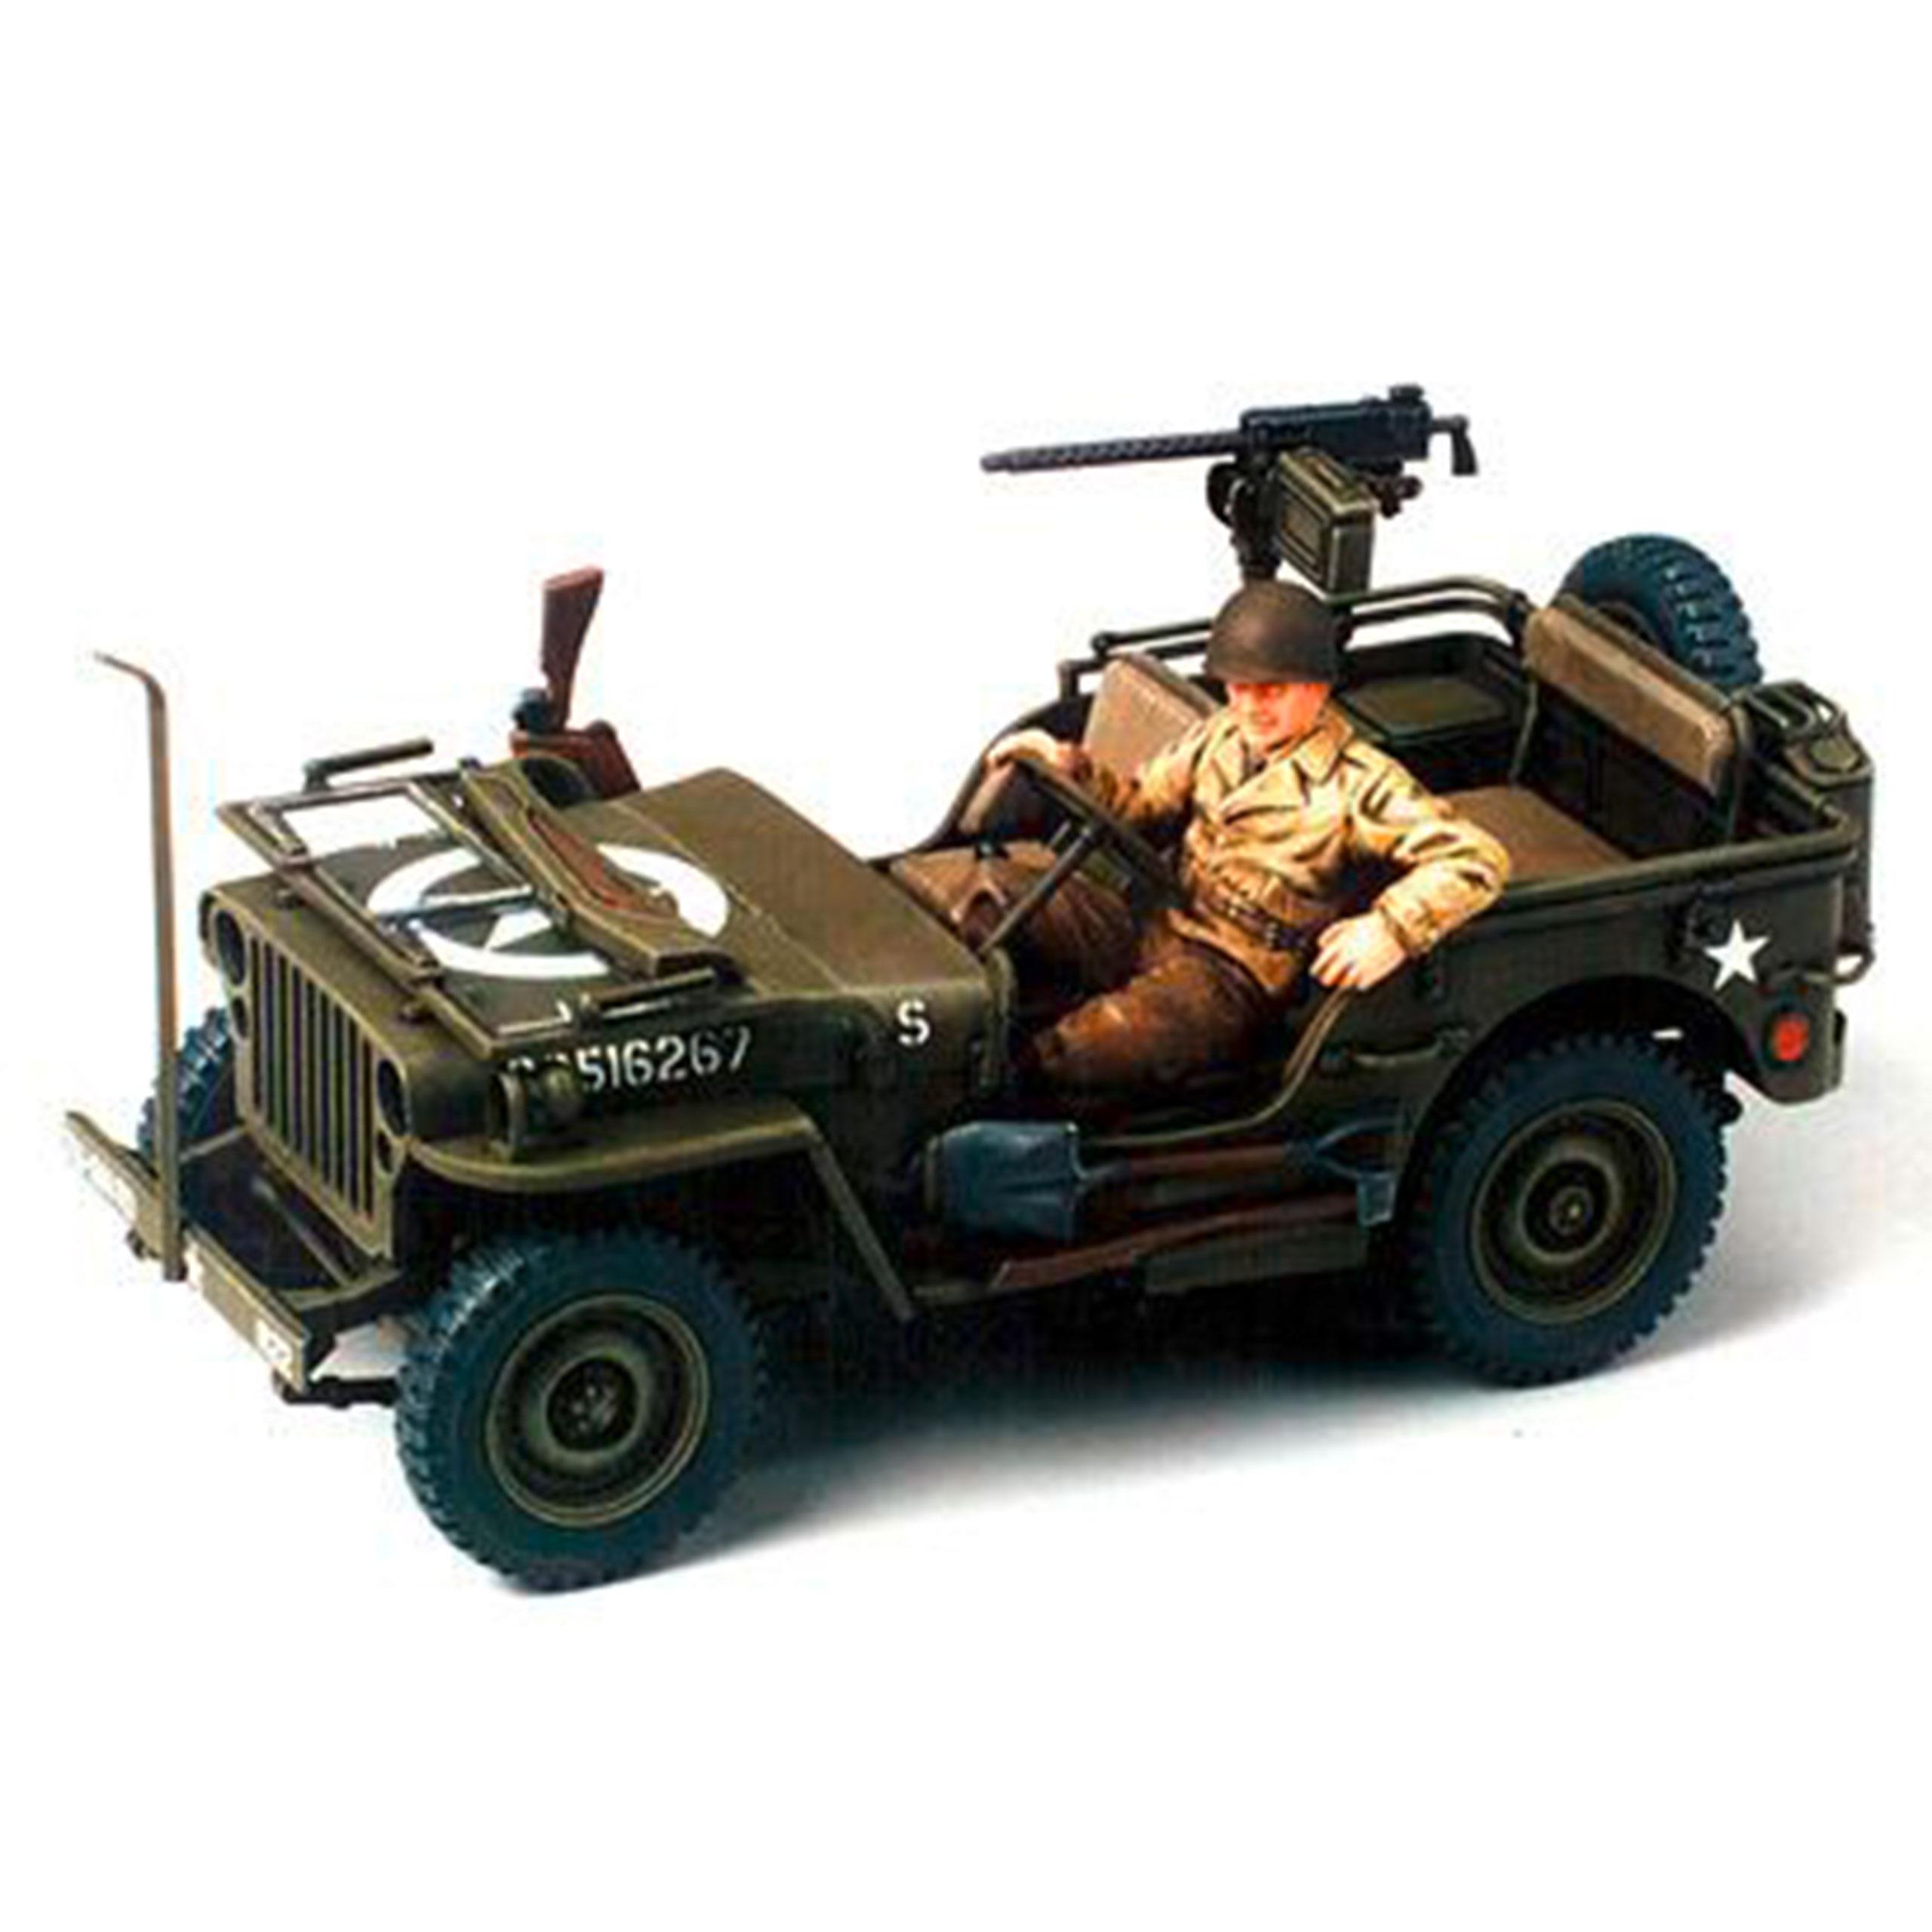 Tamiya 1:35 WWII US Willys Jeep MB 4 300035219